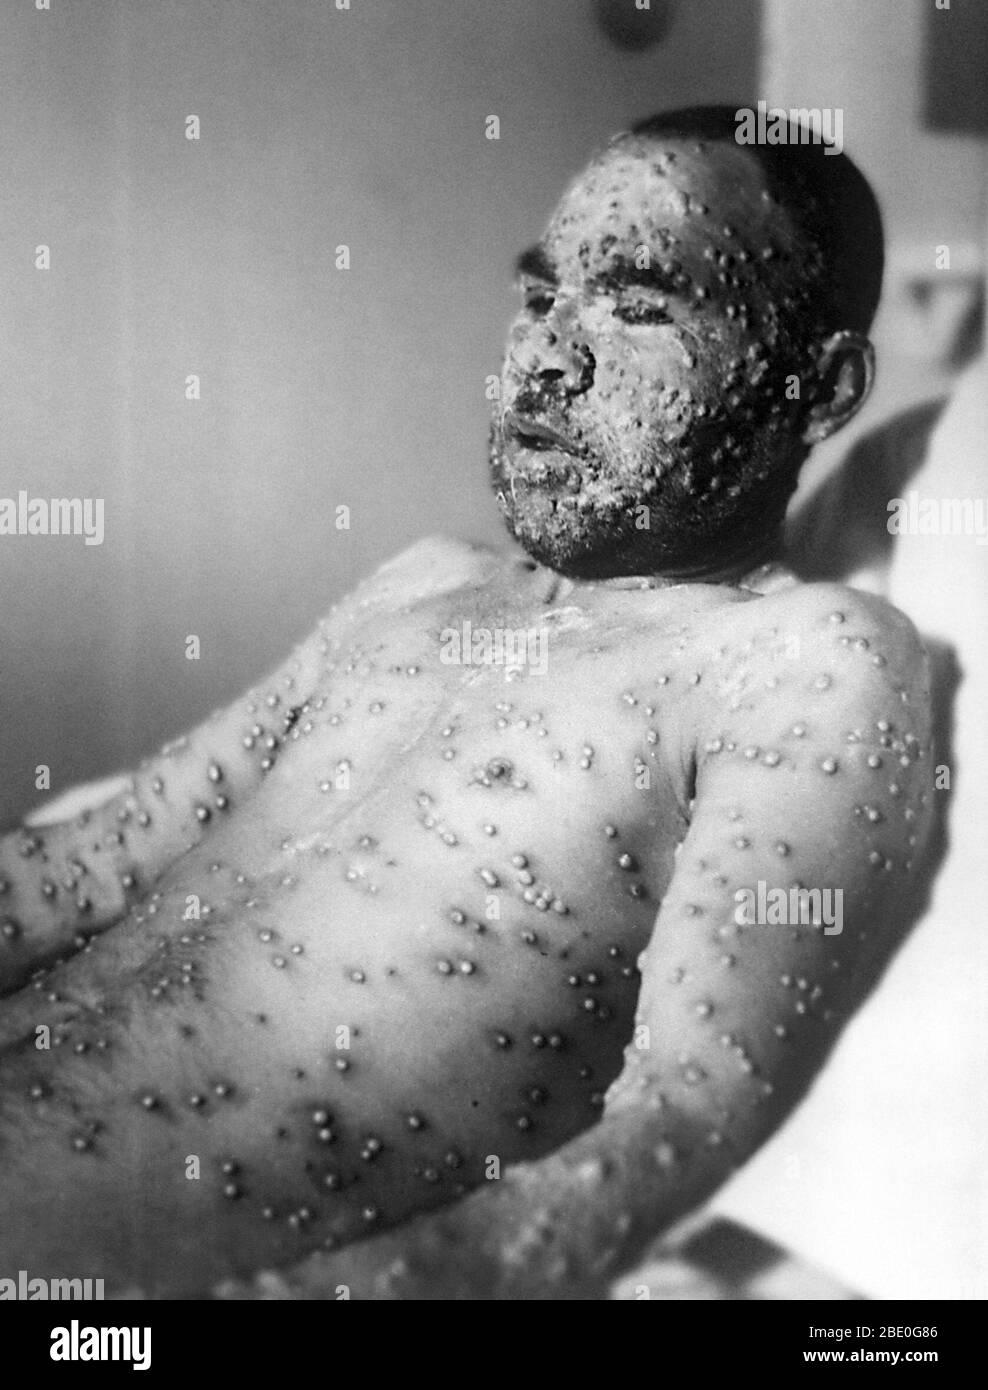 La viruela es una enfermedad viral aguda e infecciosa transmitida por contacto directo con personas infectadas. Los síntomas de fiebre comienzan 8-18 días después de la exposición. Después de 3 días, aparecen manchas rojas en la cara y el cuerpo y se convierten en pústulas del tamaño de una arveja. Las costras formadas por el secado de las pústulas dejan cicatrices permanentes. La mayoría de los pacientes se recuperan, pero la nefritis y la neumonía se presentan como complicaciones. En 1980, la Organización Mundial de la Salud declaró la viruela como una enfermedad extinta después de una campaña de vacunación mundial. Foto de stock